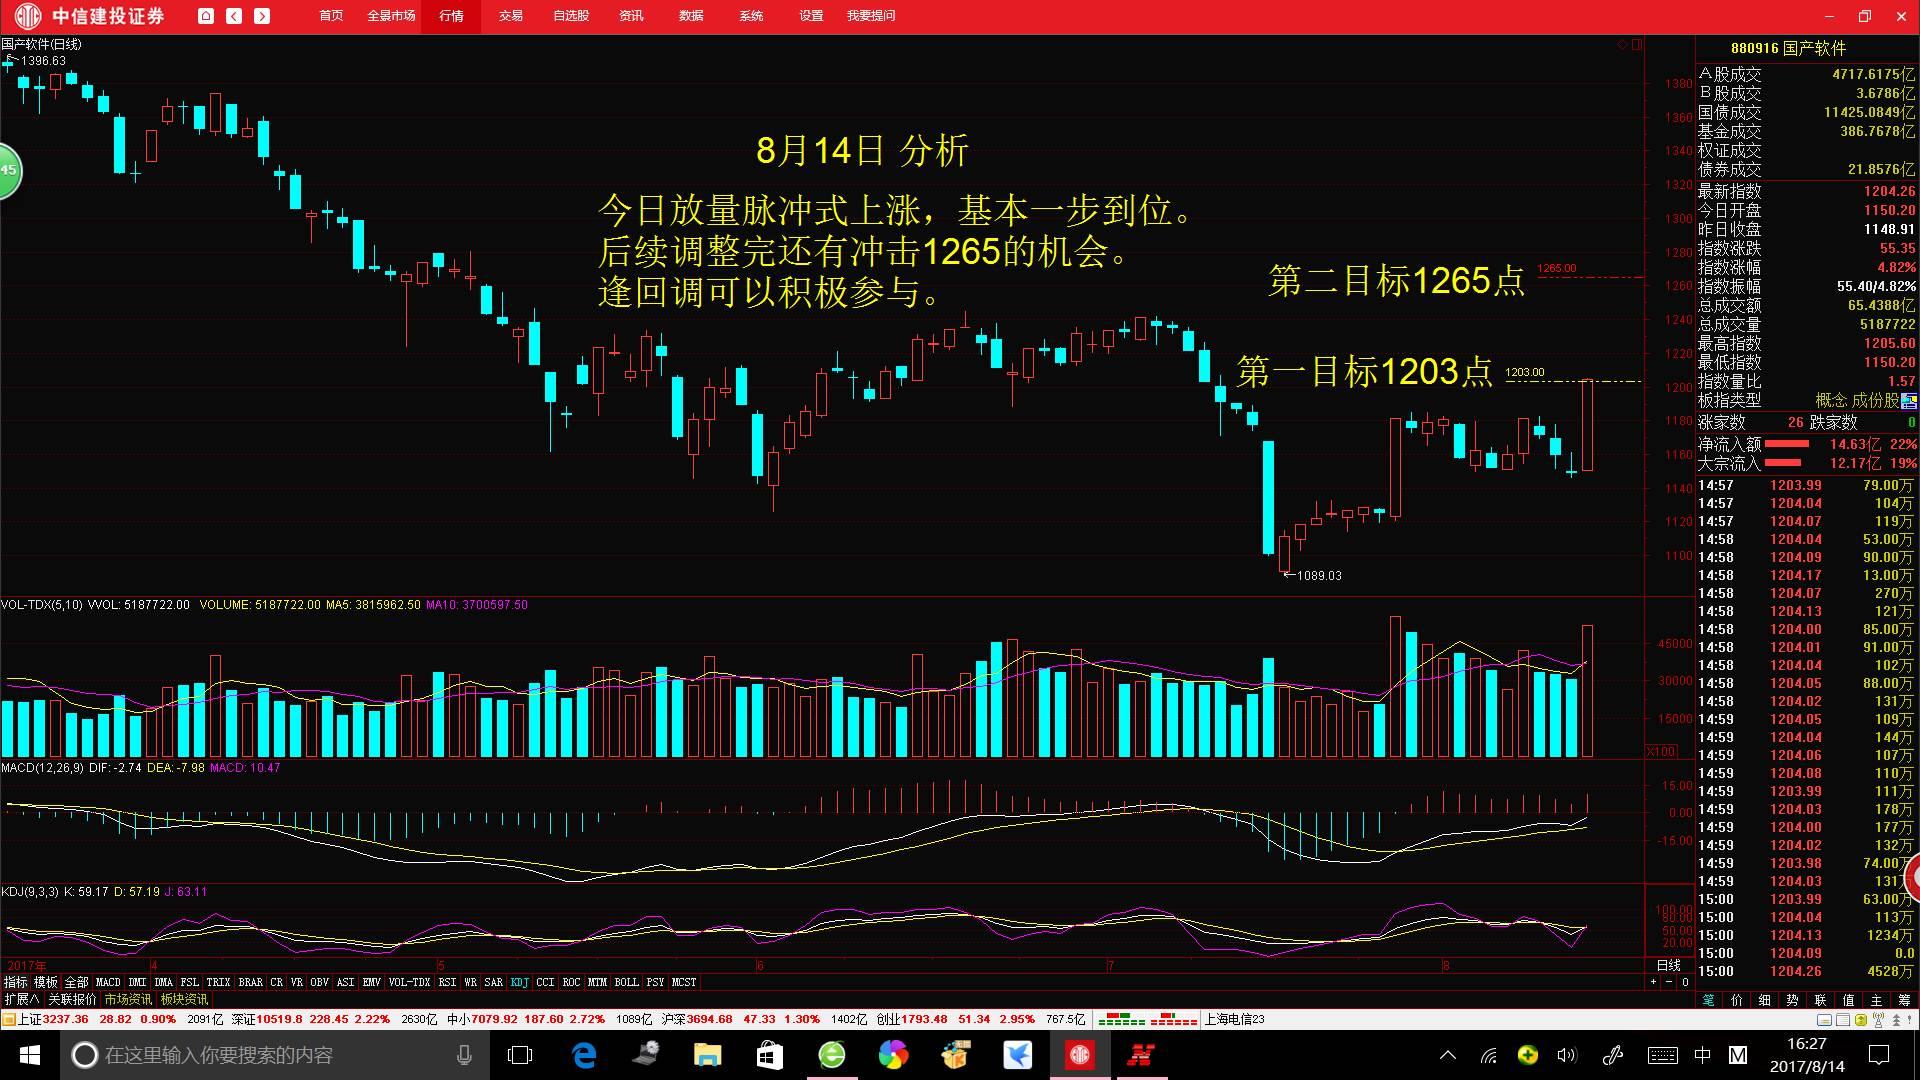 温学峰预测2019年股市